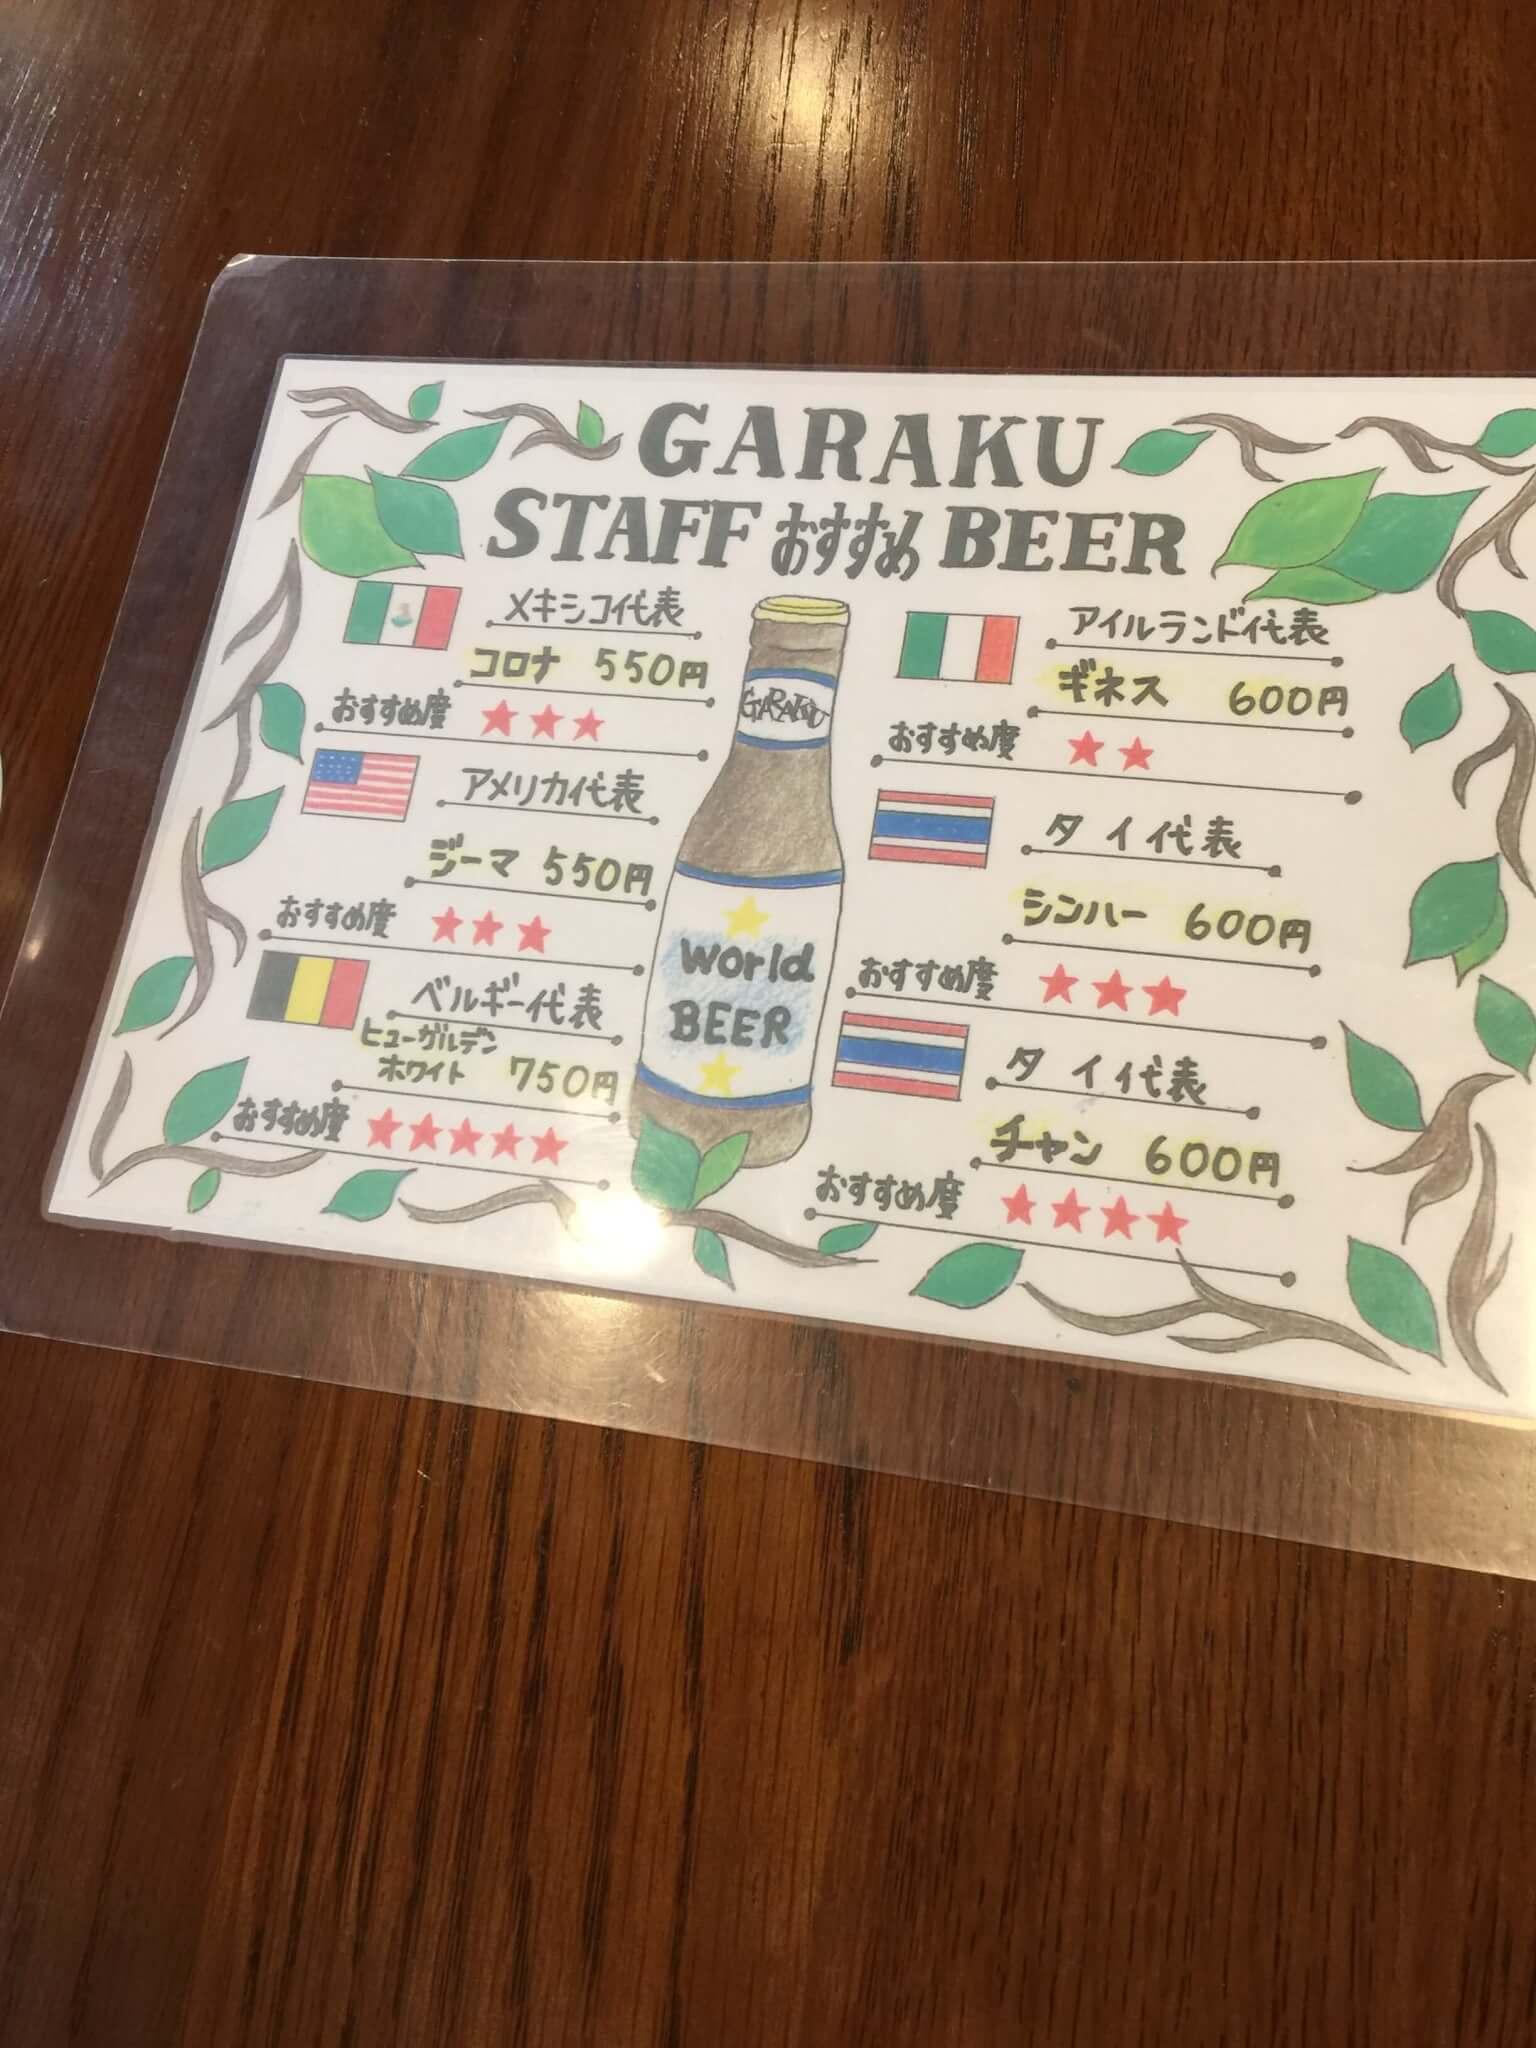 GARAKUのビールメニュー